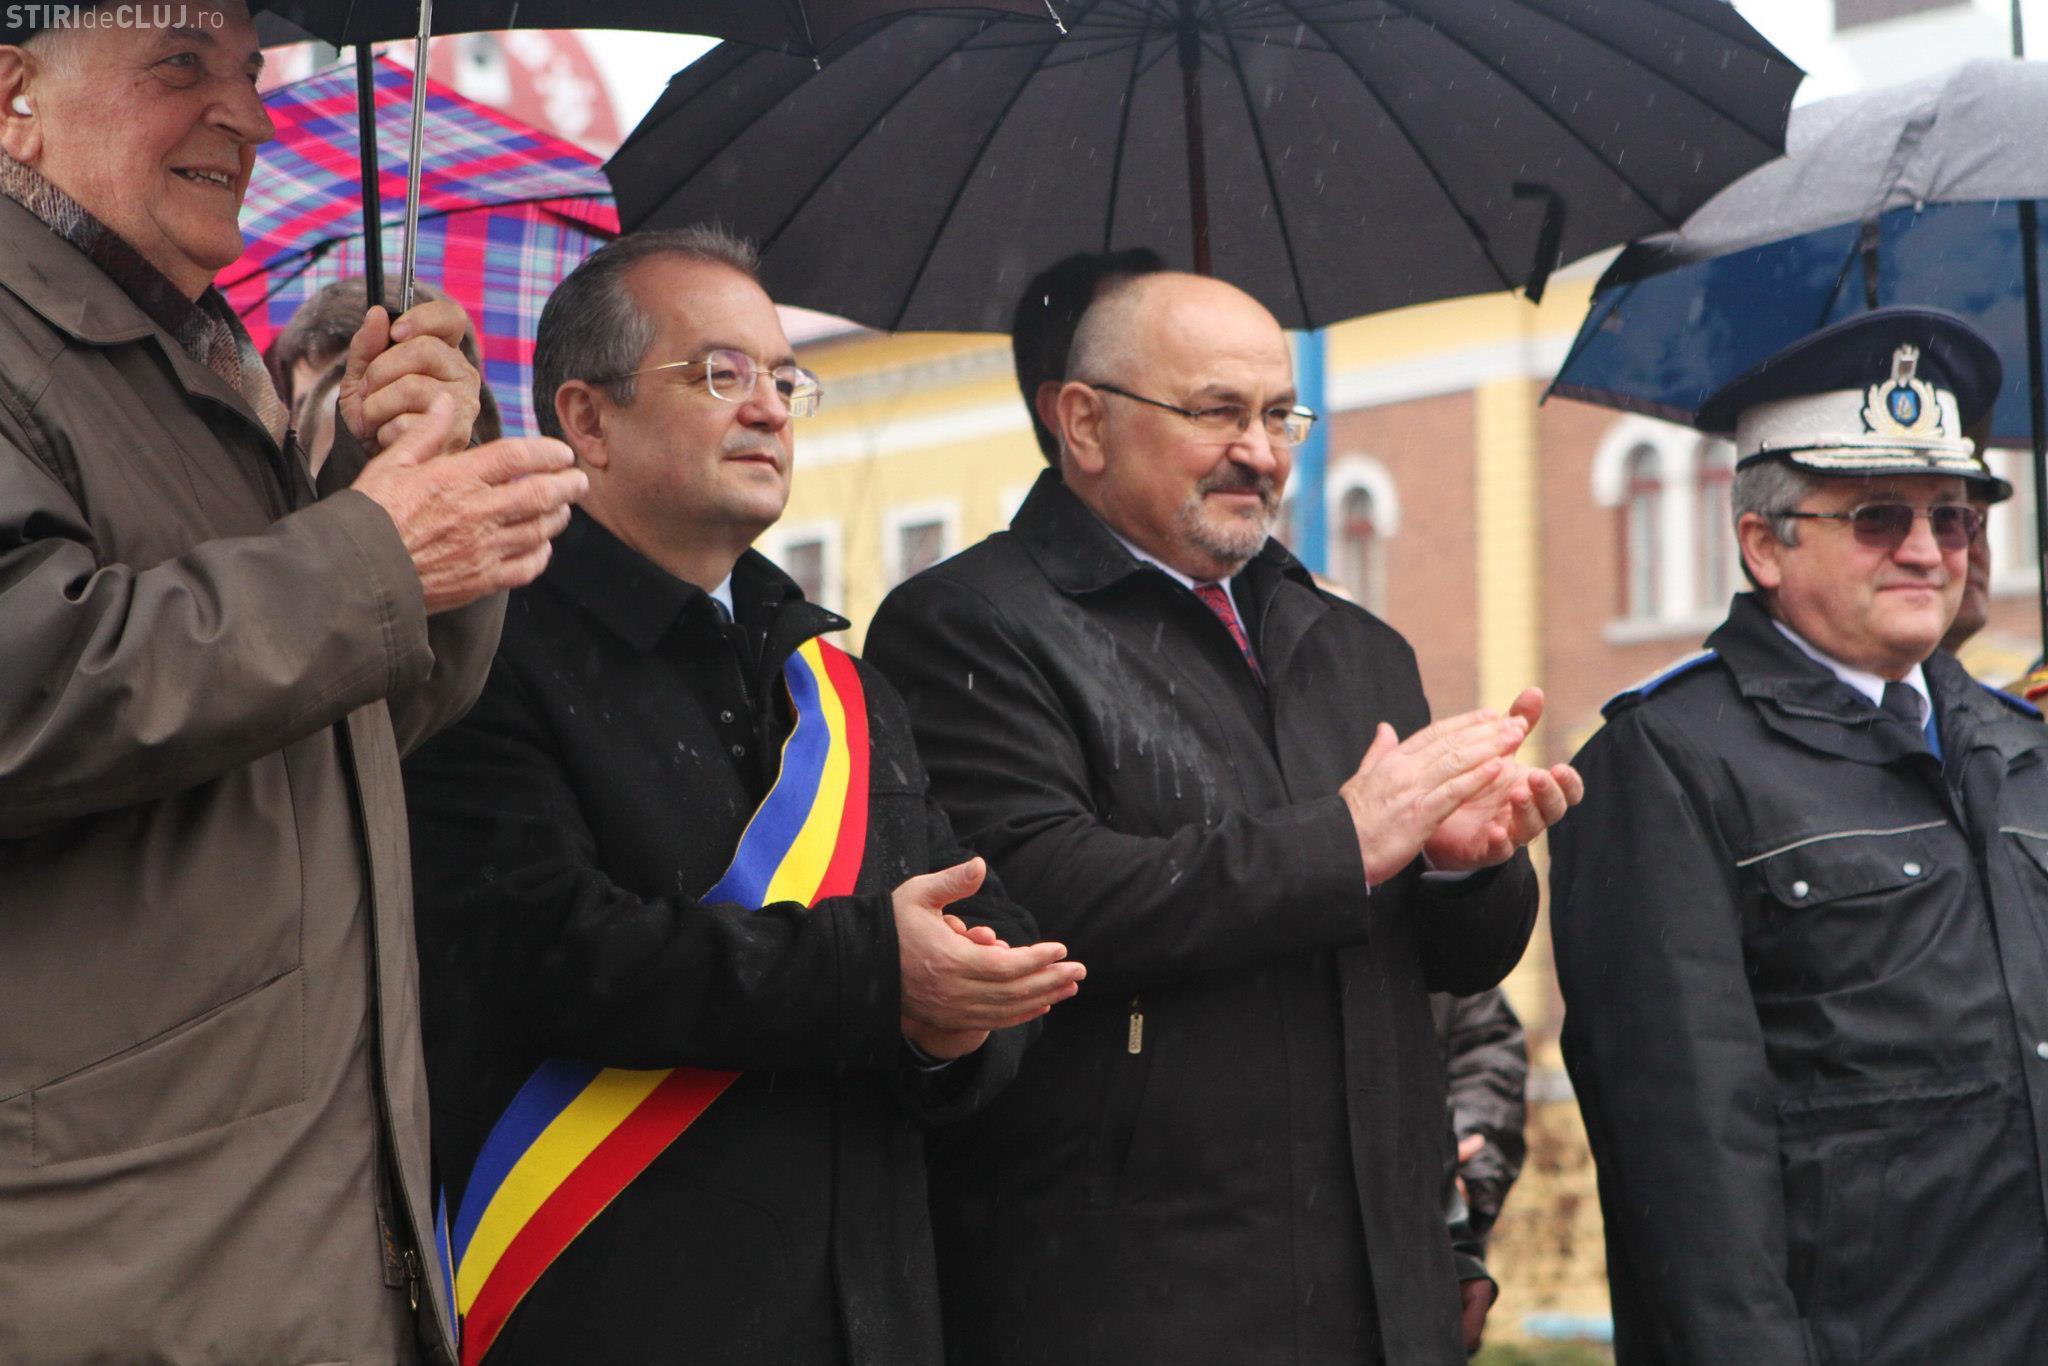 """Prefectul Gheorghe Vușcan îl amenință pe Emil Boc cu noi amenzi. Primarul Boc: """"Atâta ştie, atâta poate!"""""""